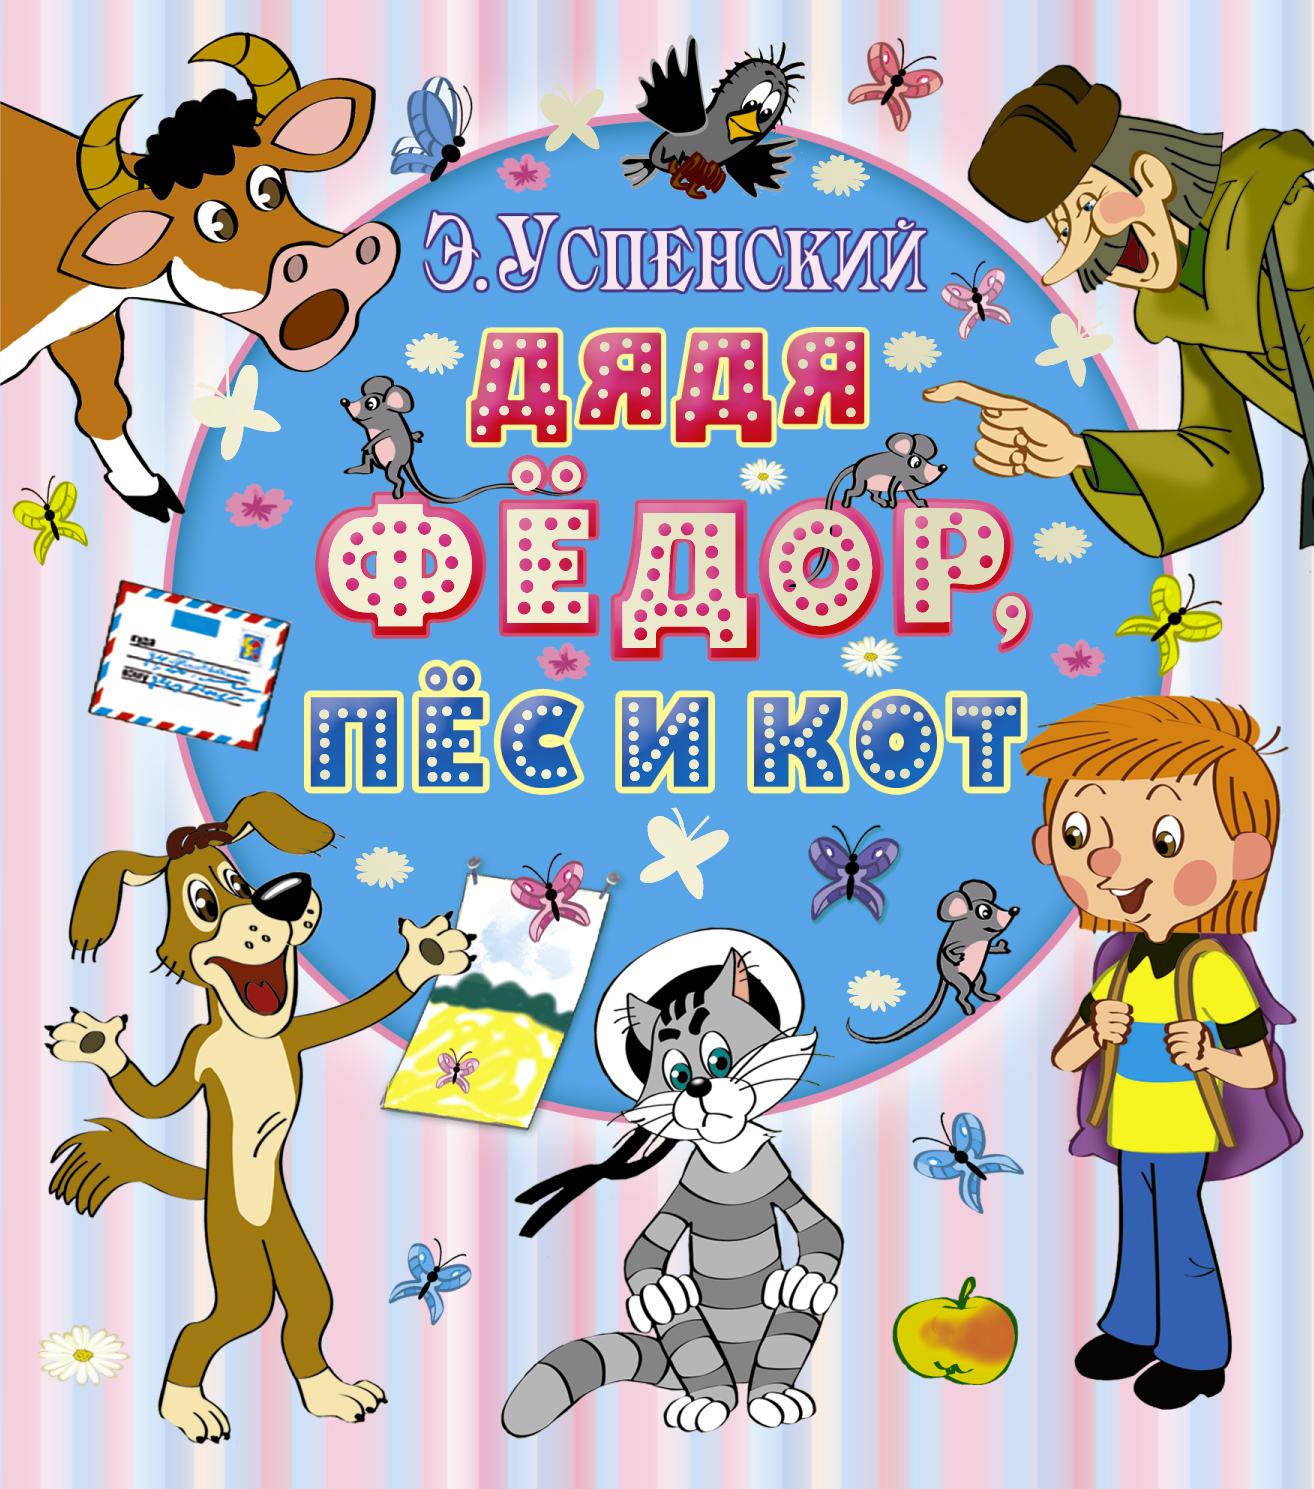 строках автора успенский э дядя федор пес и кот картинки узбекистане делают промышленным